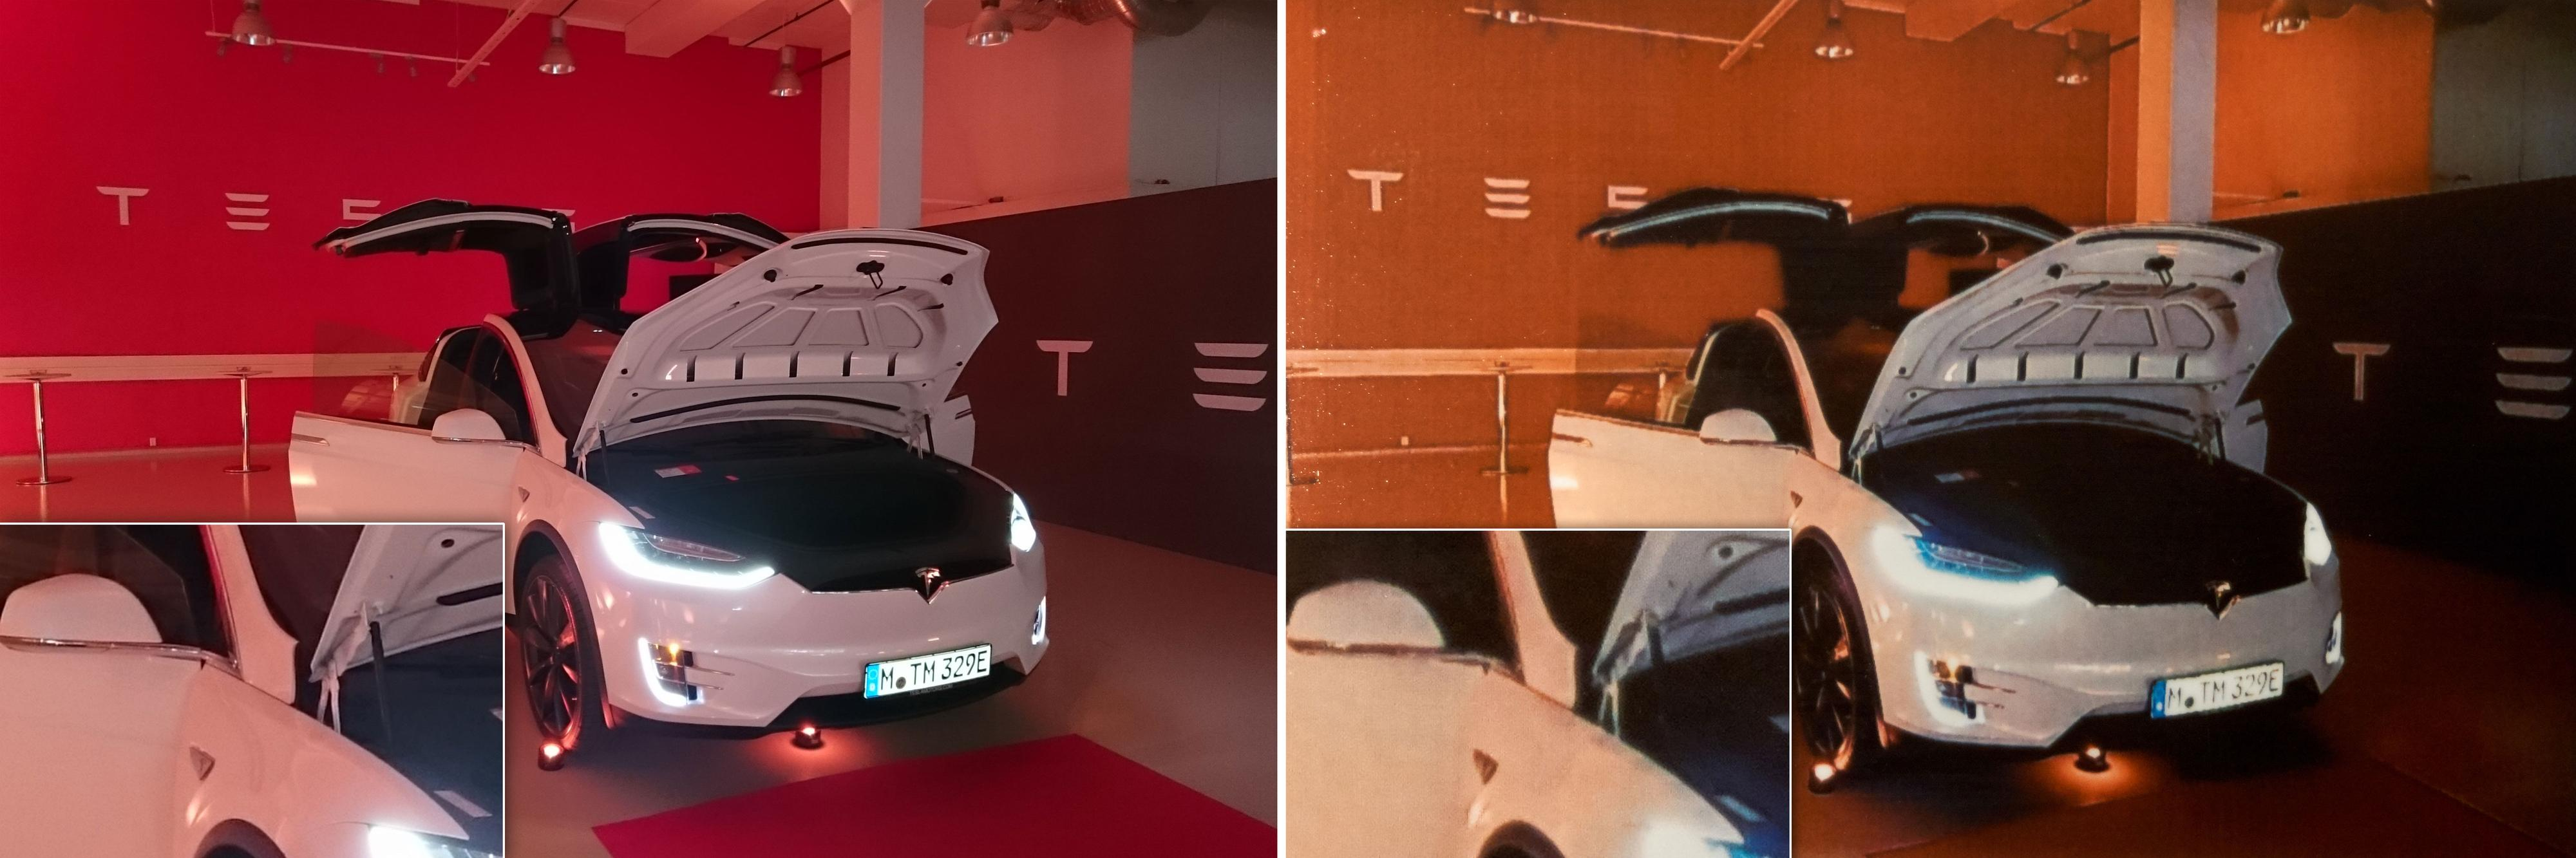 Her har vi gjort et utsnitt som viser kvalitetstapet på et innendørsbilde av en Model X.